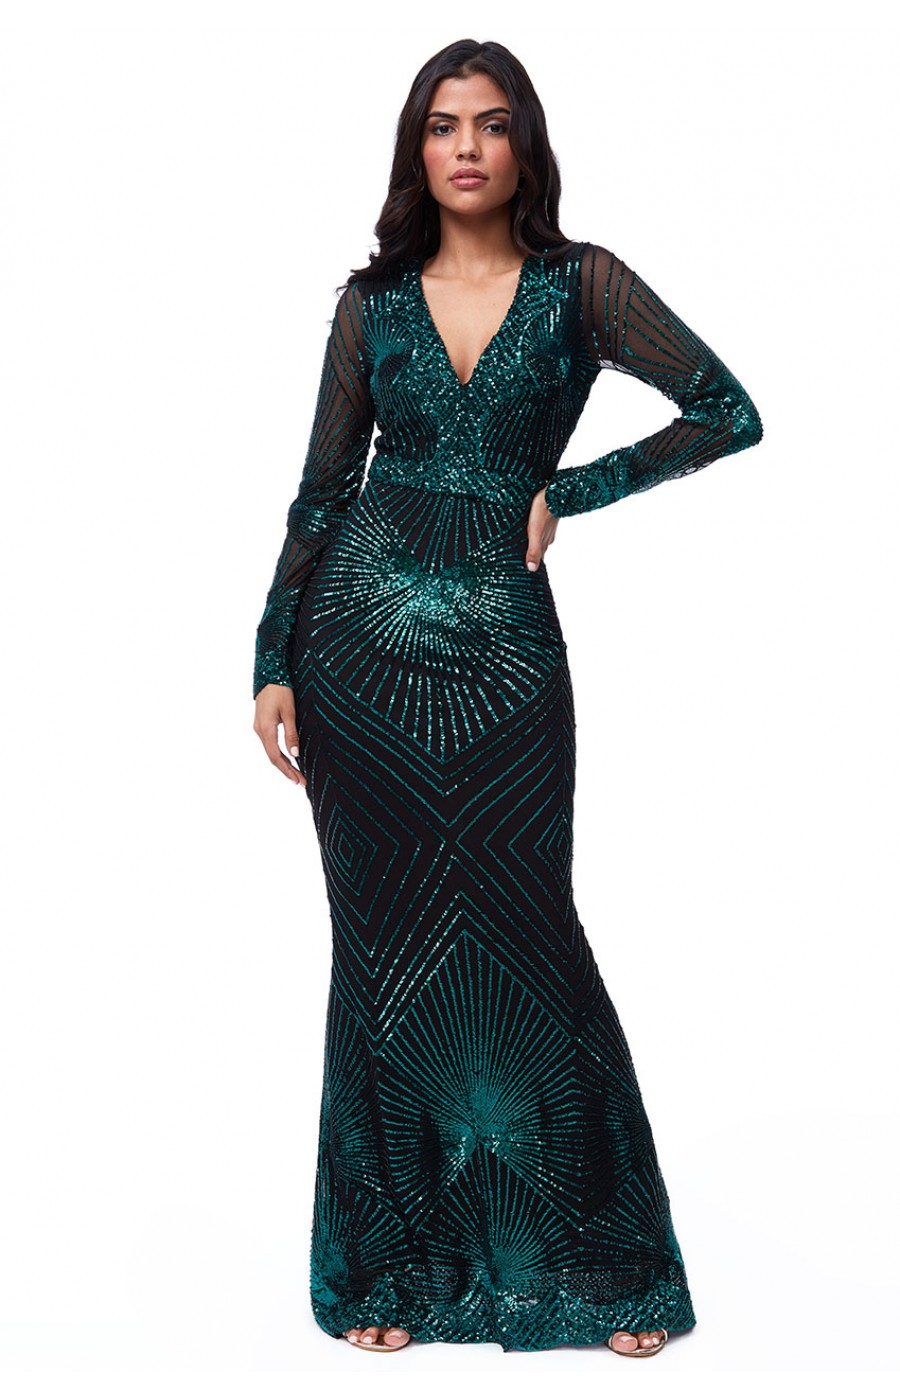 Μαύρο επίσημο φόρεμα με κεντημα